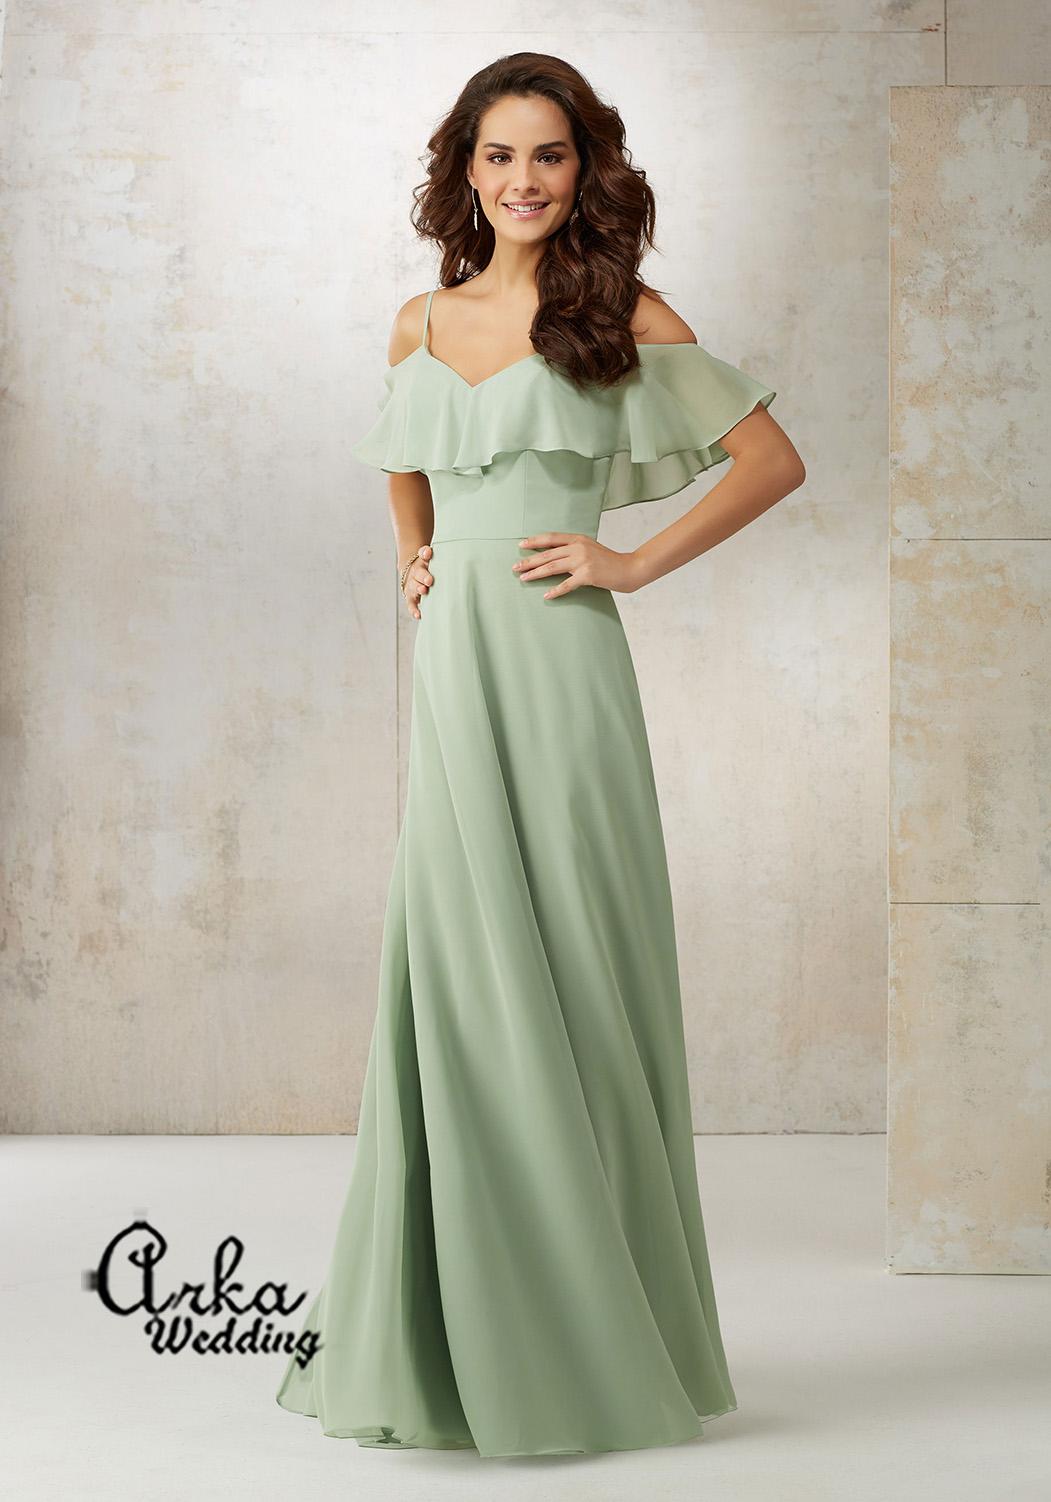 Μακρύ Βραδινό Φόρεμα, Ανάλαφρο, Αέρινο, σε Chiffon. Κωδ. 21509